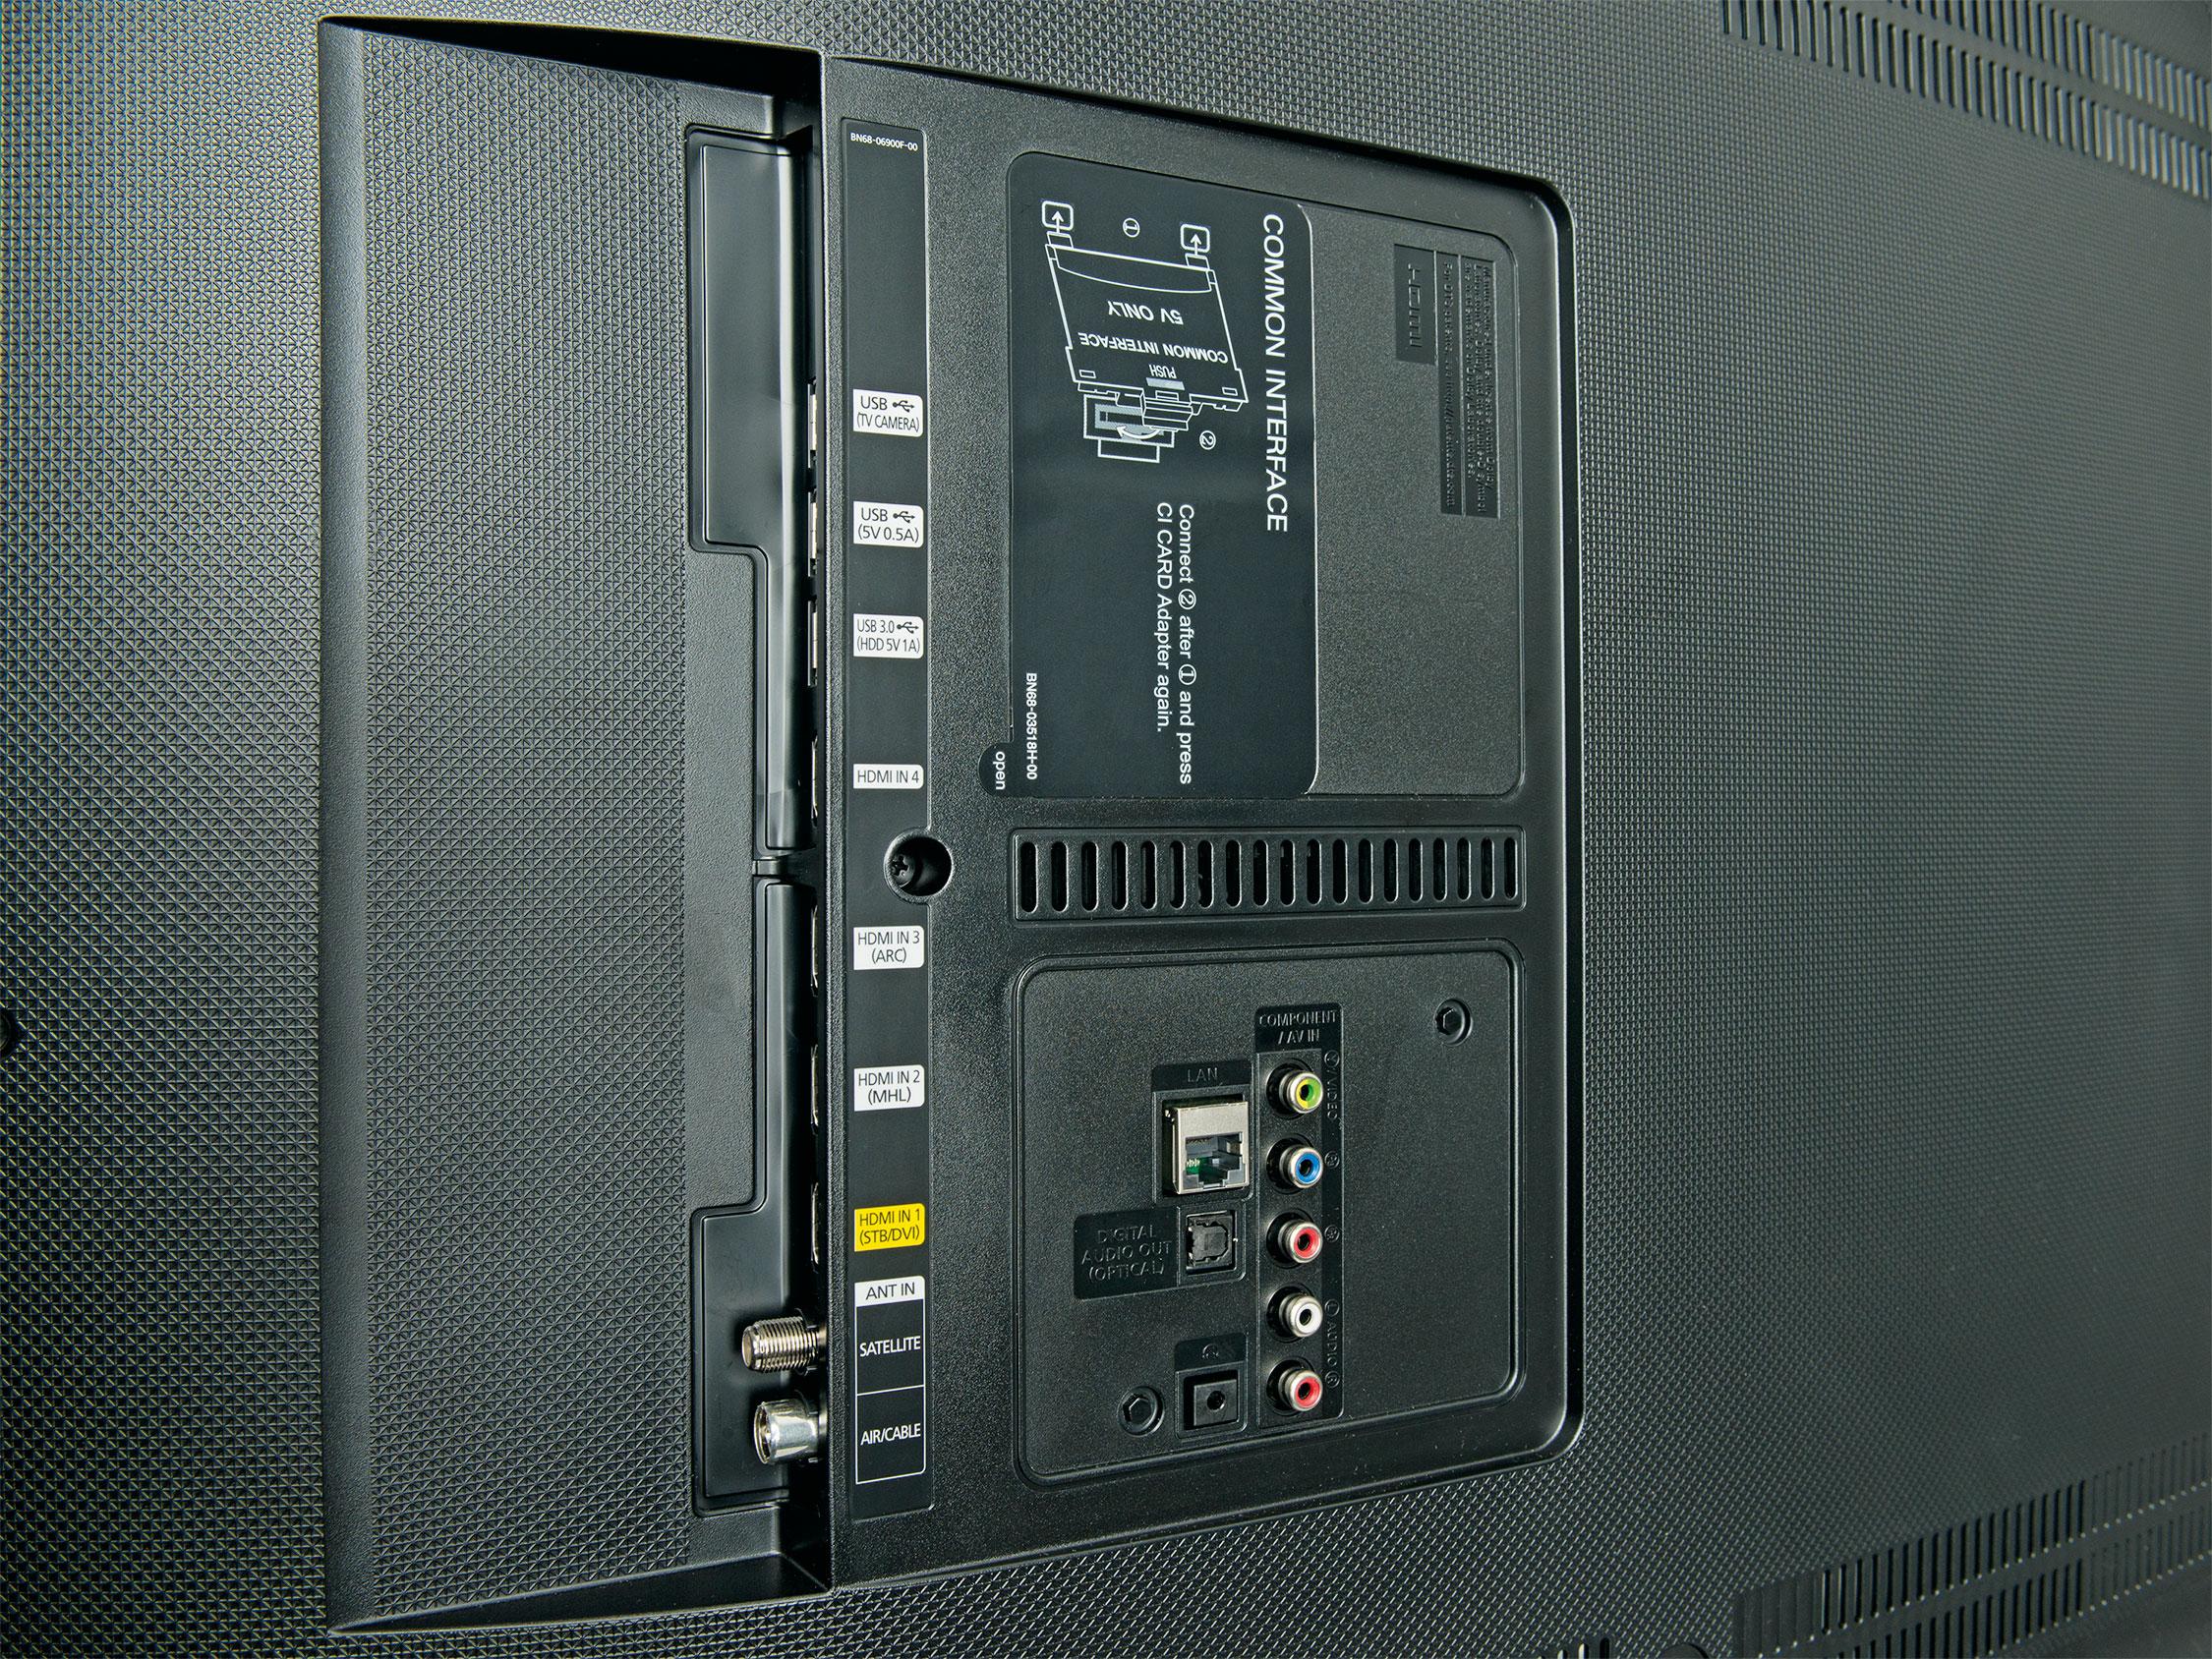 An HDMI-Eingängen mangelt es beim UE 48 JU 6550 nicht, allerdings verzichtet Samsung auf die One-Connect-Buchse. Den Twin-Tuner findet man ebenfalls nur bei den teureren Modellen.